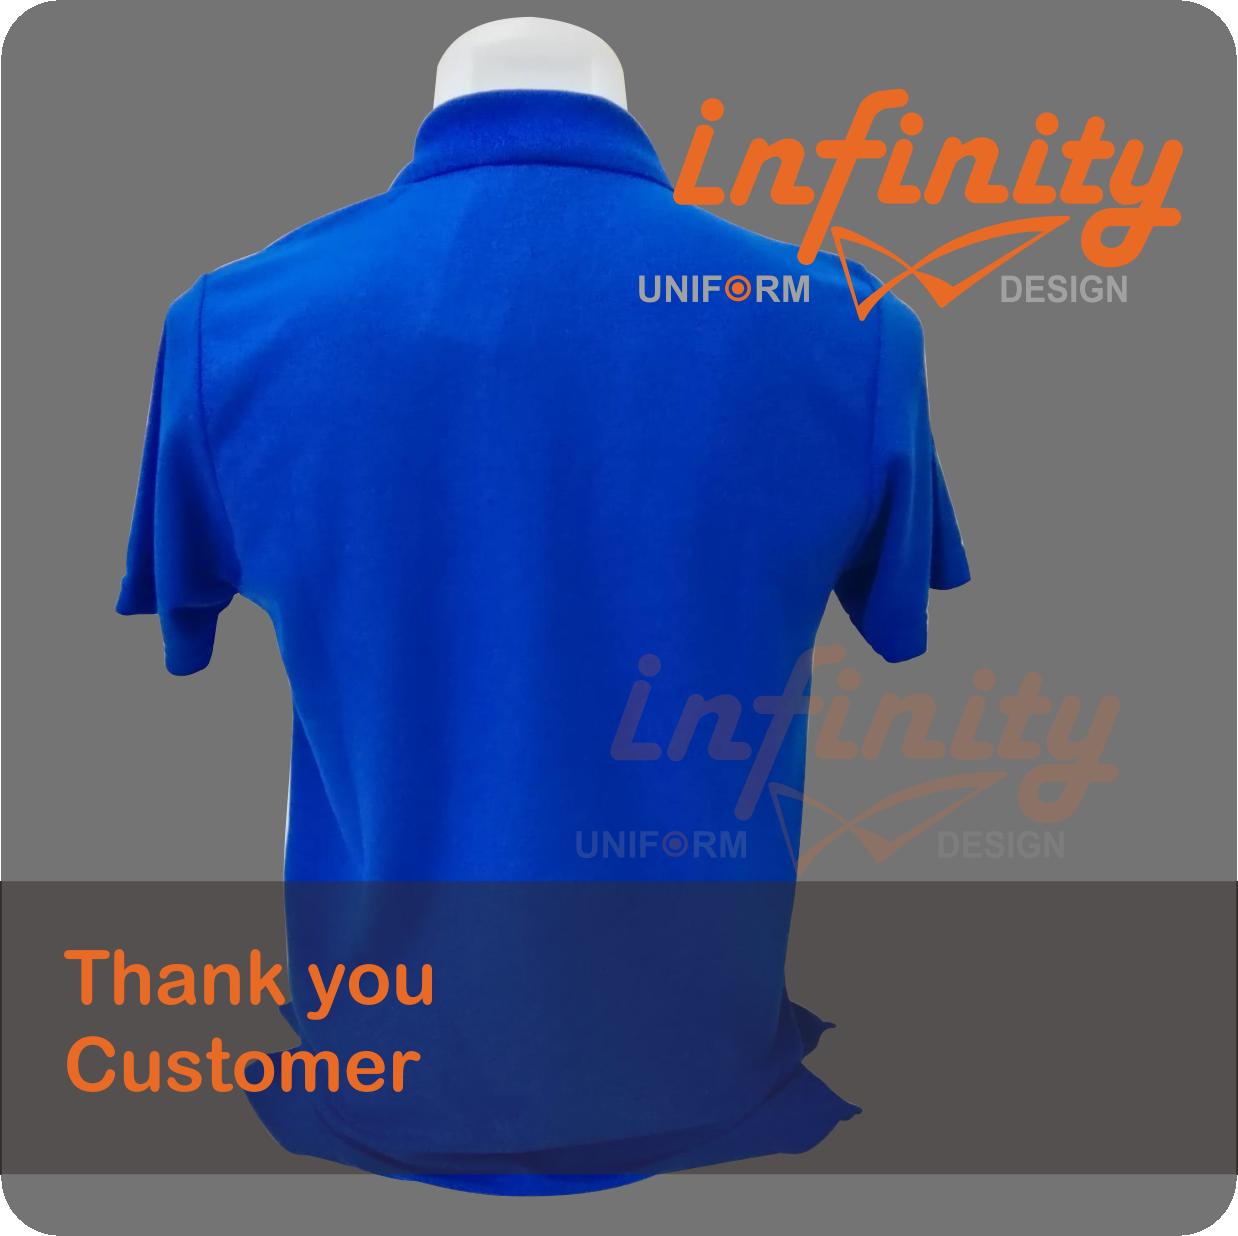 รับสั่งผลิตเสื้อยูนิฟอร์ม เสื้อโปโล เสื้อยืด ชุดกีฬา ราคาถูก